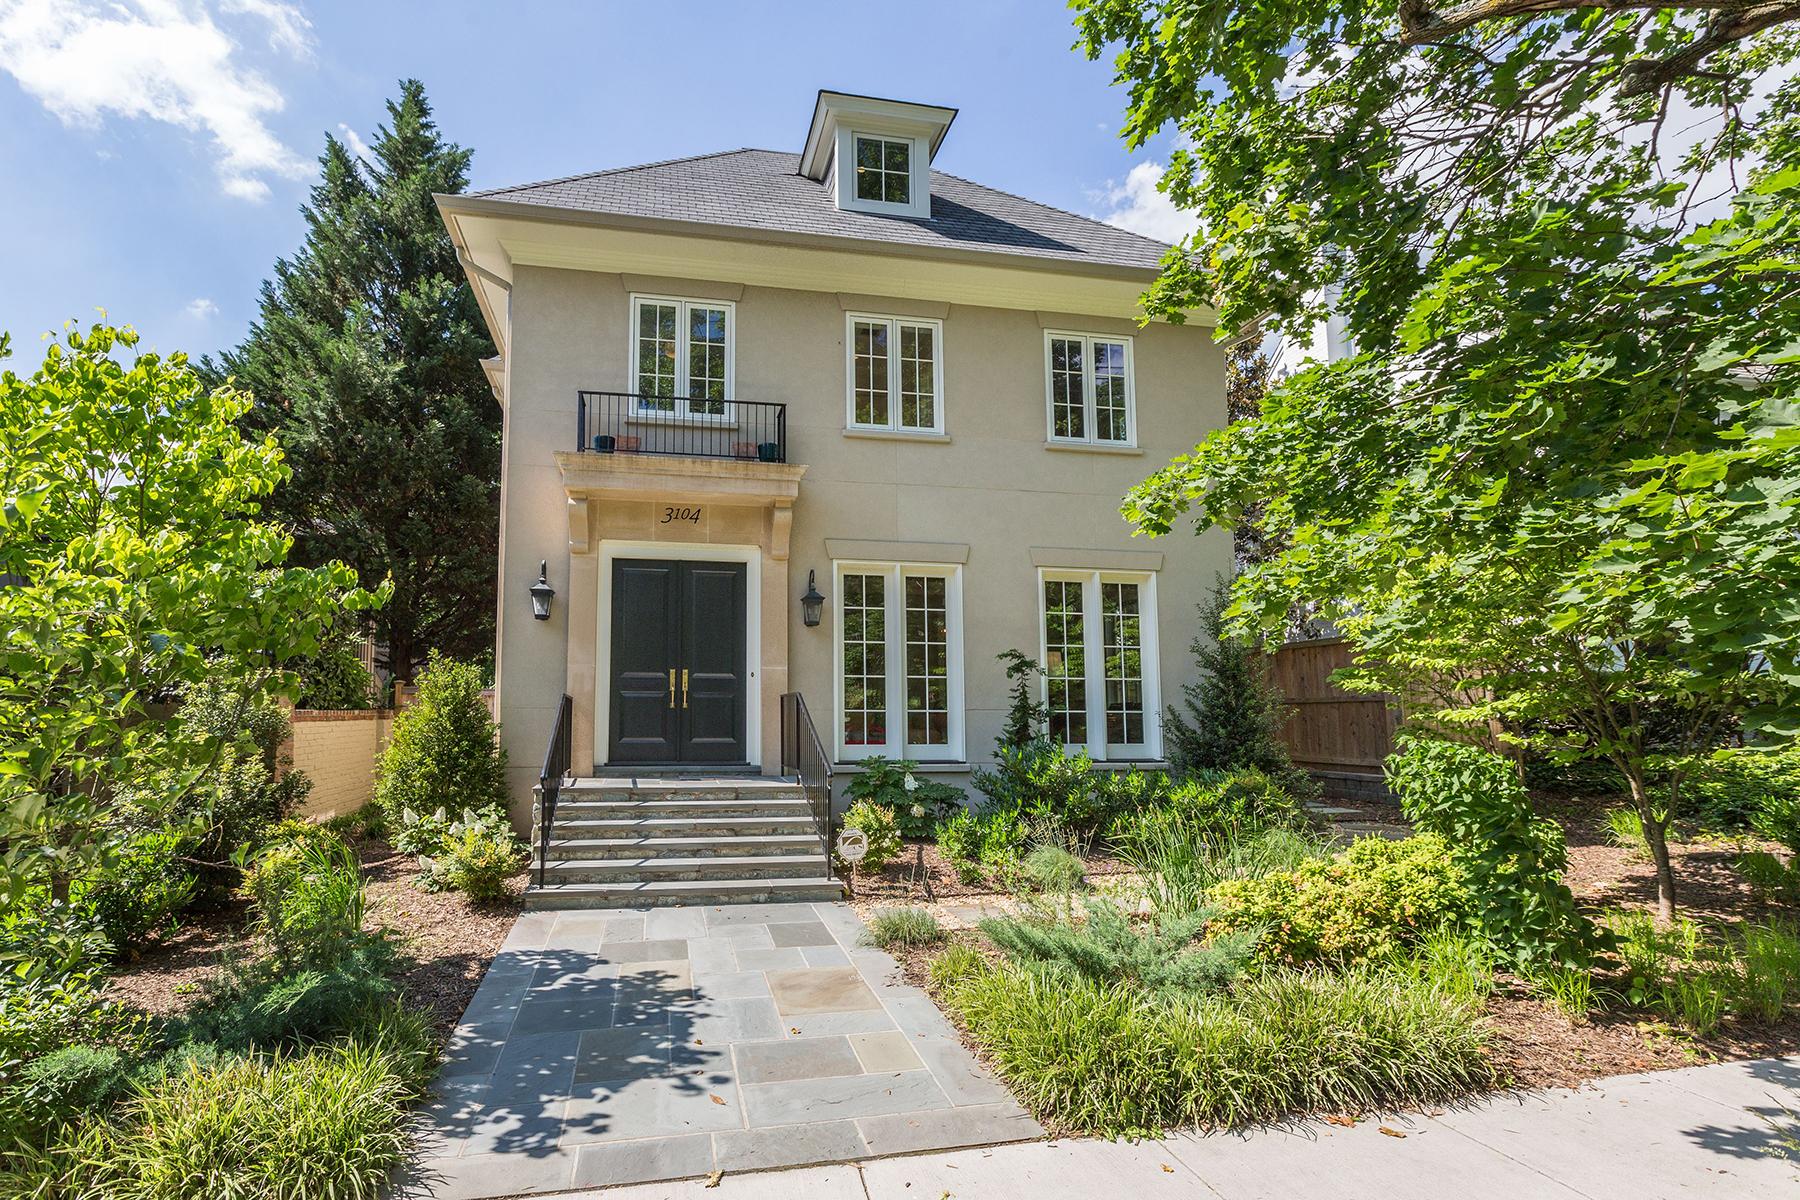 独户住宅 为 销售 在 3104 Garfield Street Nw, Washington 华盛顿市, 哥伦比亚特区, 20008 美国